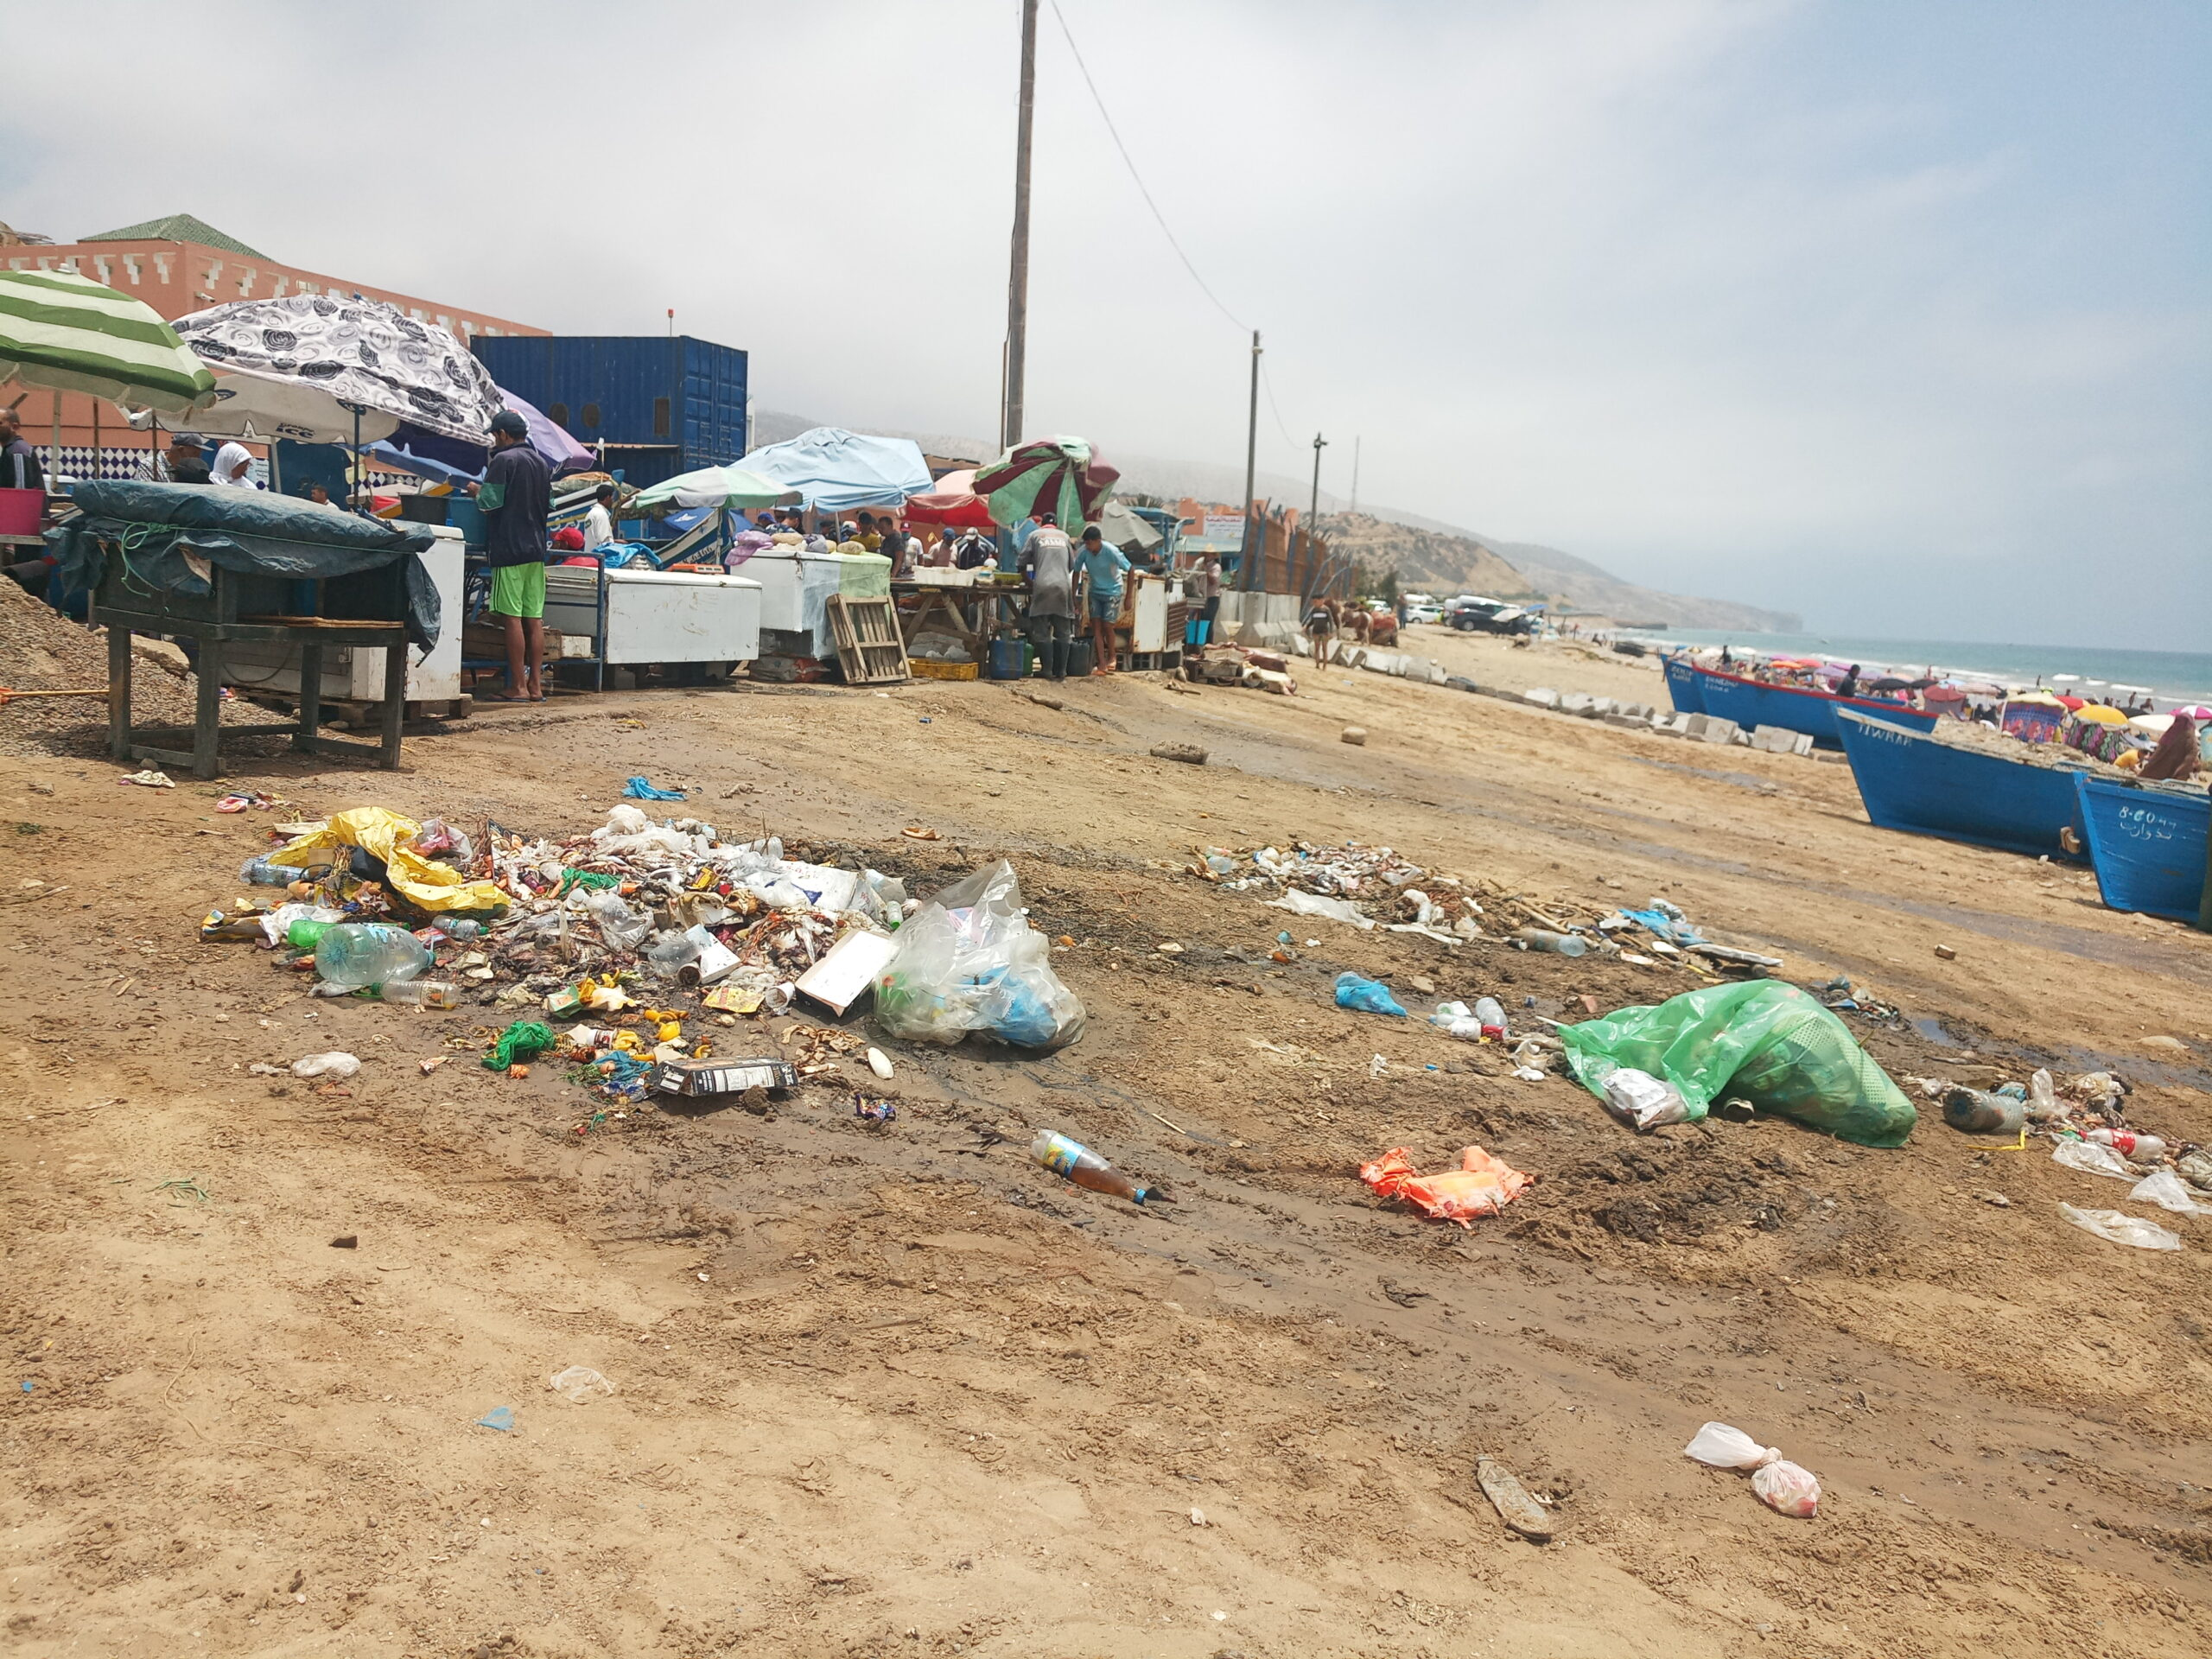 """أكادير : شاطئ إيمي ودار يتحول لنقطة سوداء وسط مطالب للمسؤولين بالتدخل العاجل +""""صور"""""""